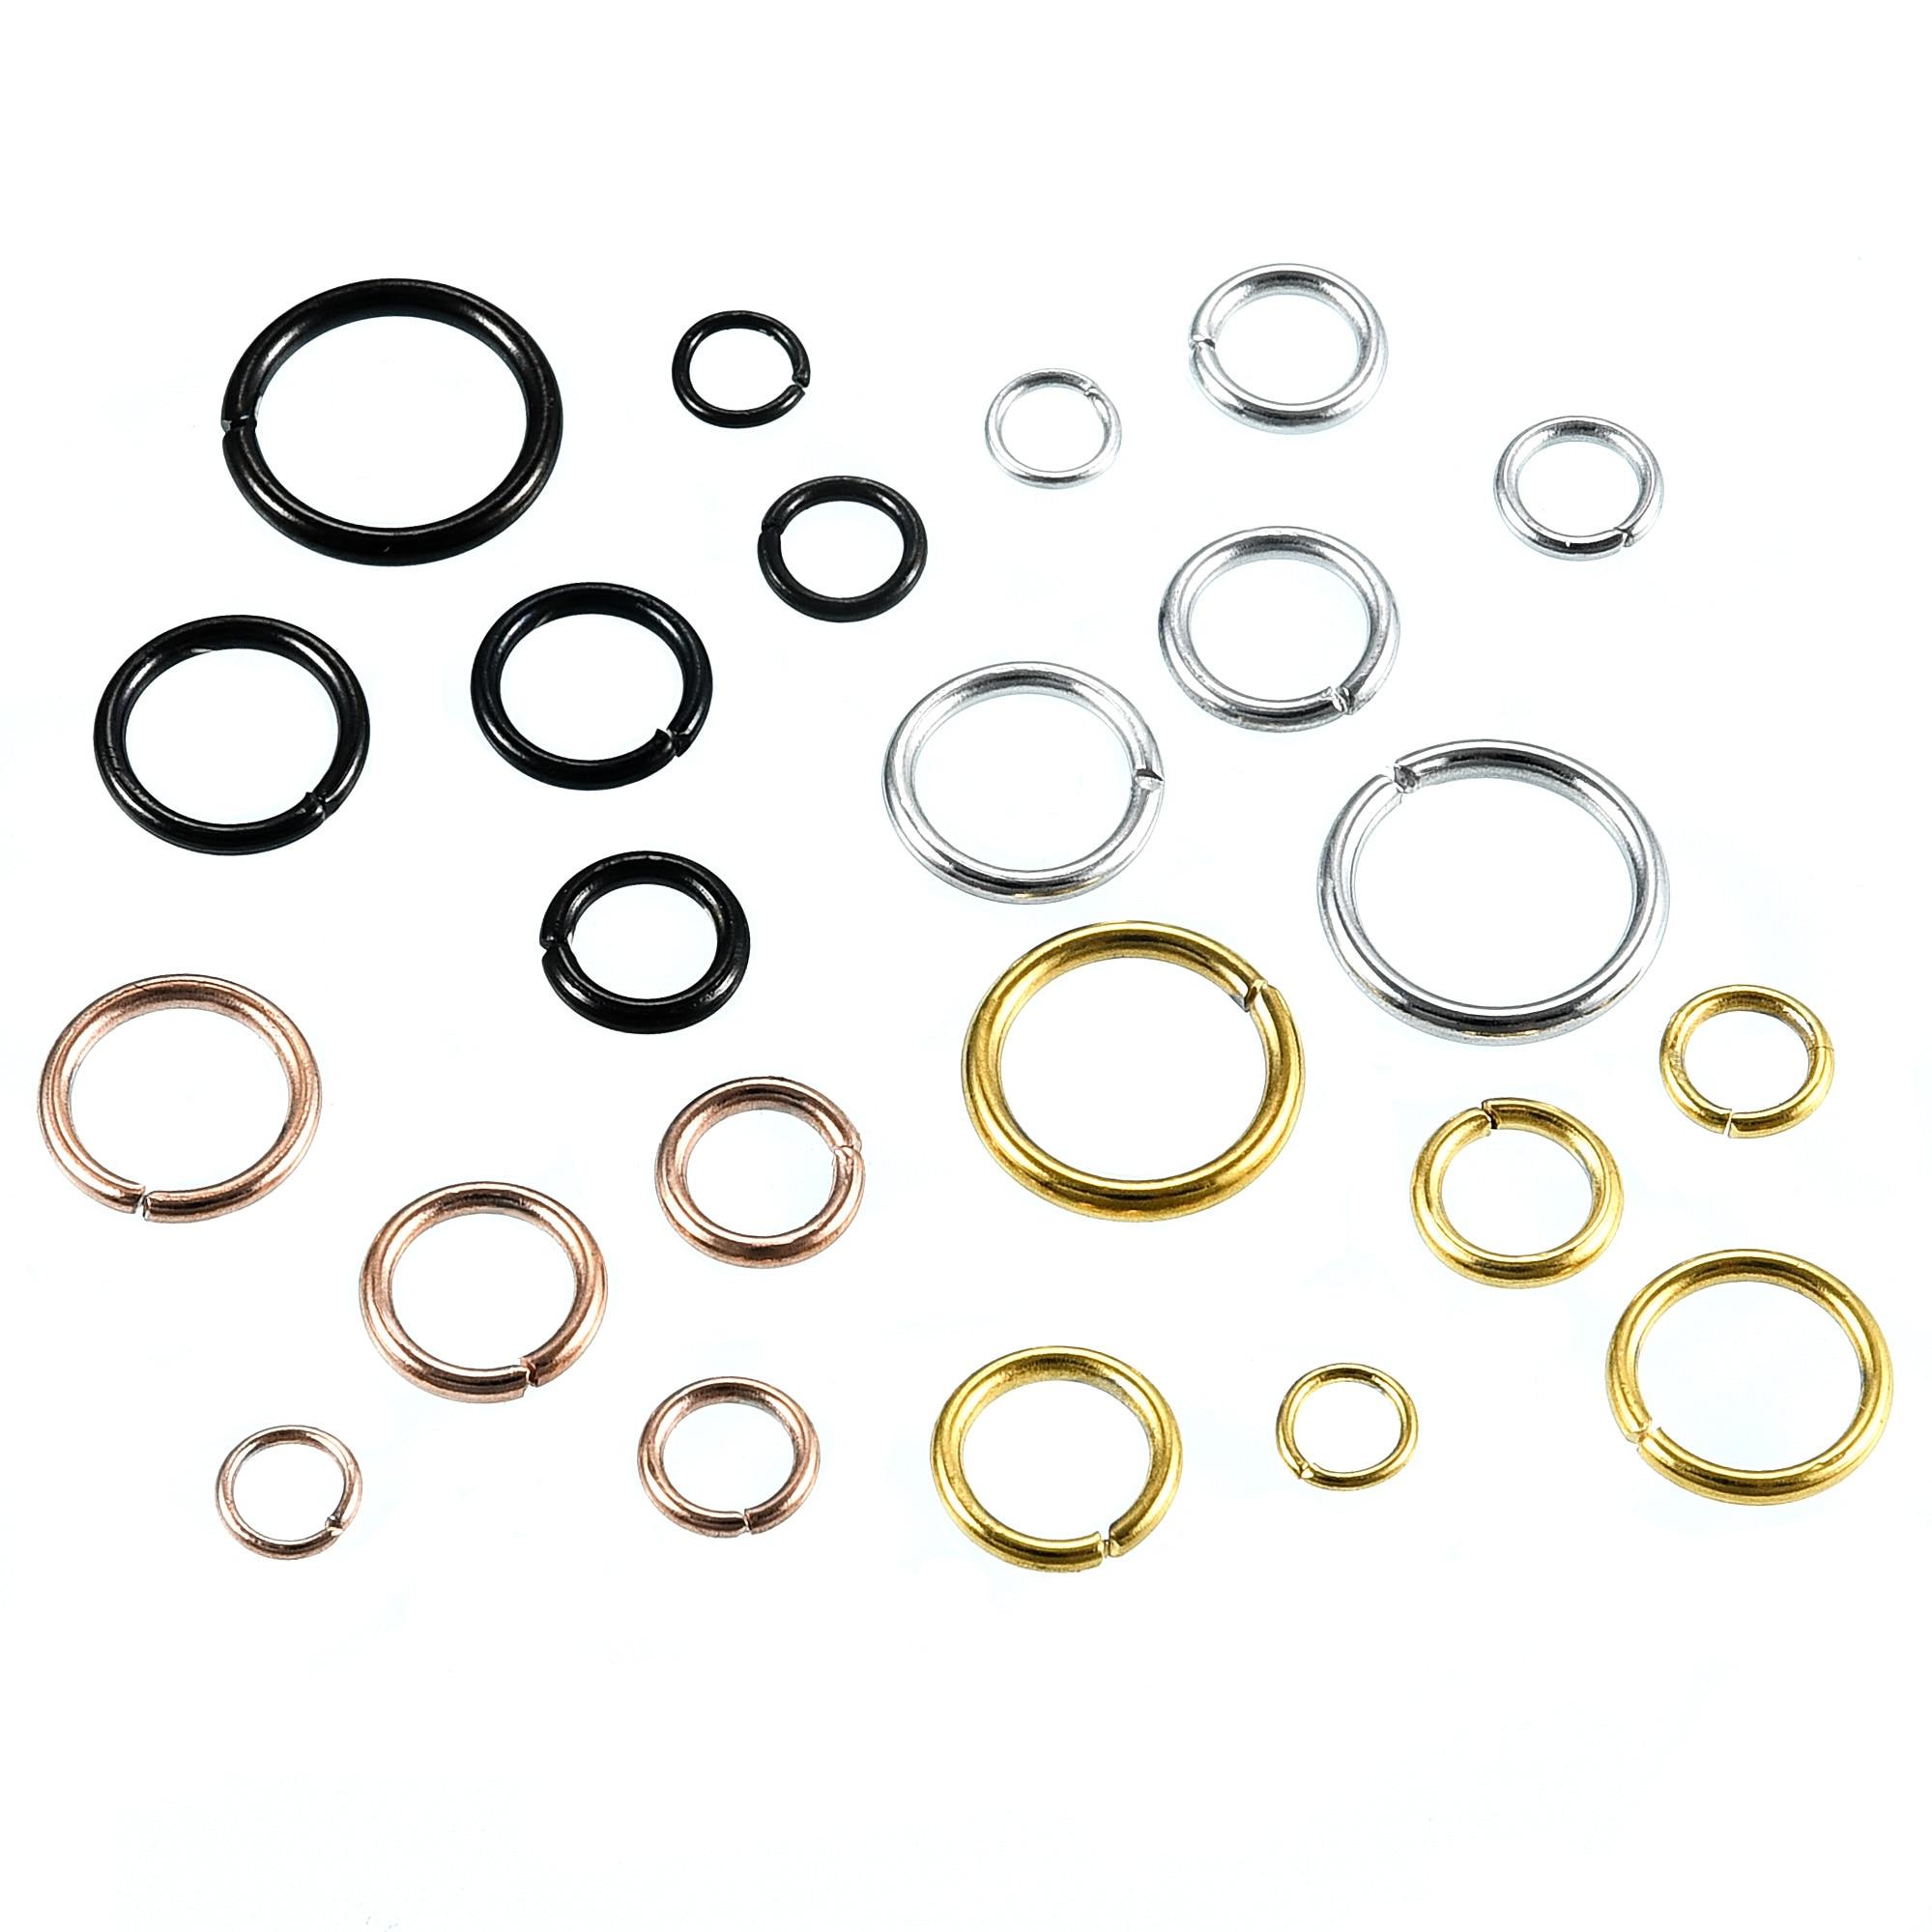 100 шт./лот открытые соединительные кольца из нержавеющей стали, прямые разъемные кольца 4/5/6 мм, соединители для рукоделия, фурнитура для изготовления изделий своими руками